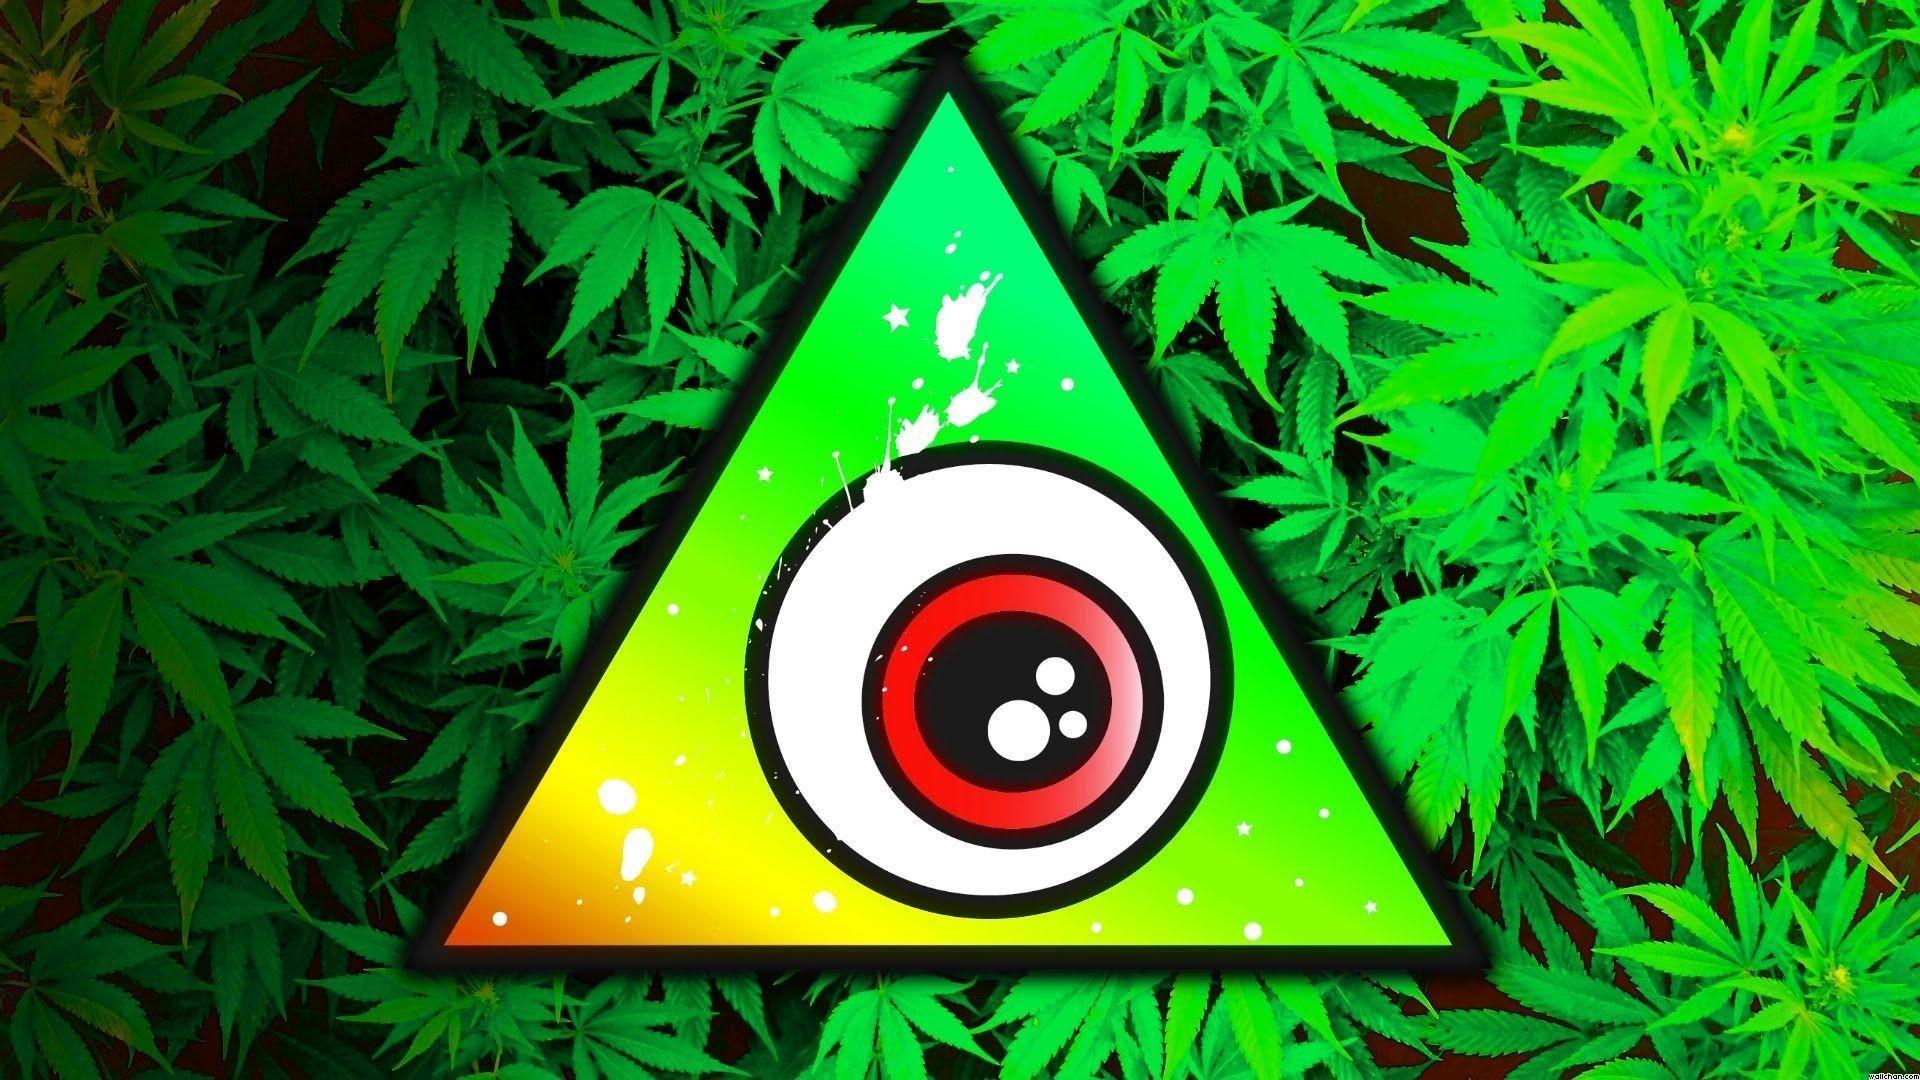 Trippy Stoner Wallpapers Gallery (55 Plus) – juegosrev.com – juegosrev.com